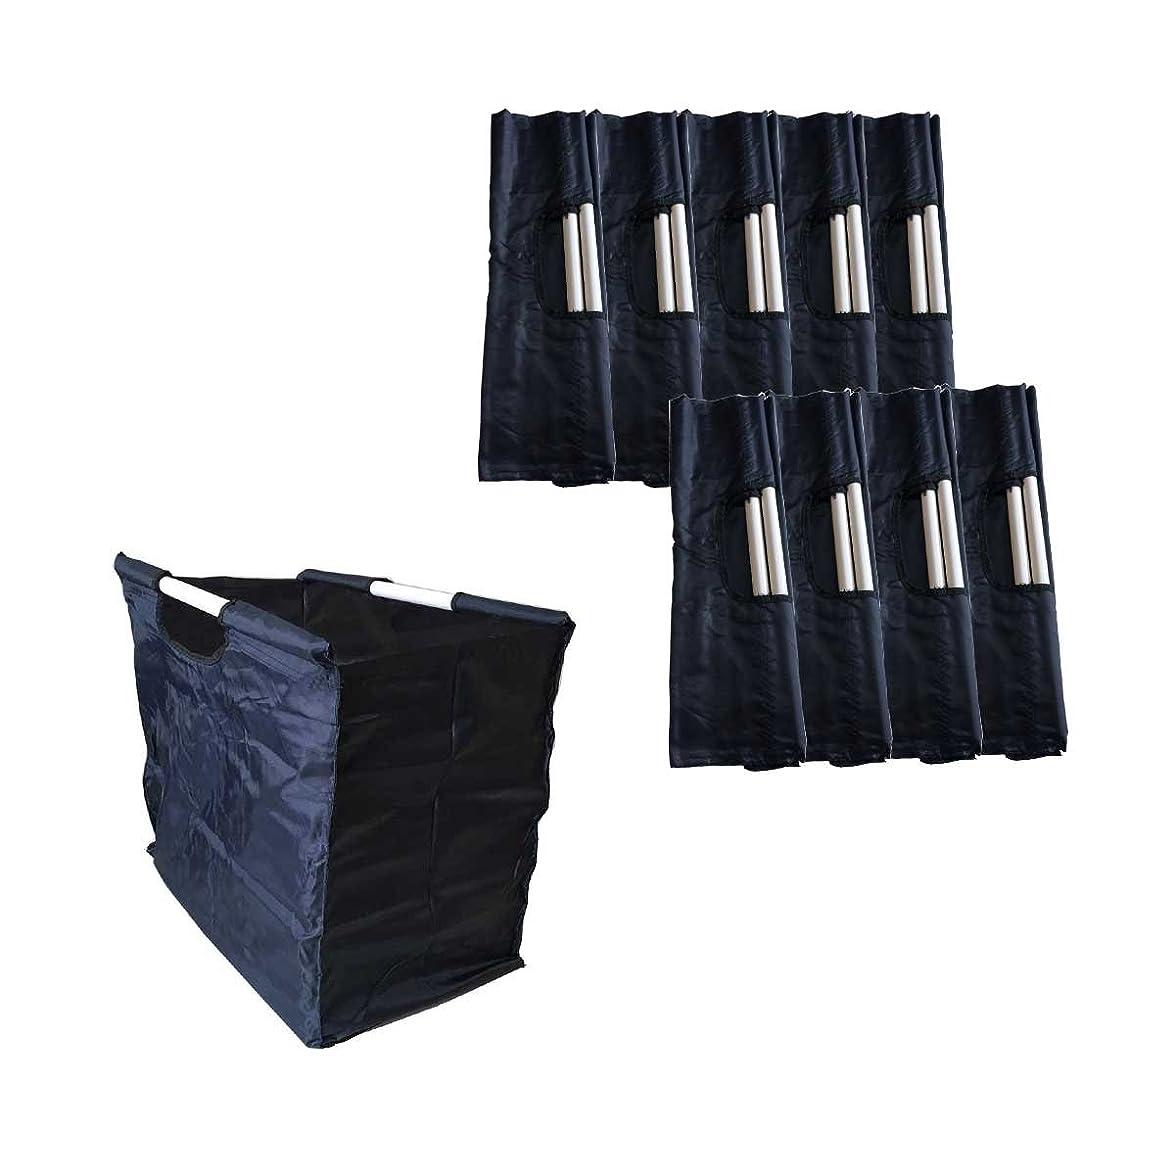 差別的クアッガ敬意を表するオリタニ ロットワゴン&バッグ ロットバック 10枚セット ブルー 02120110